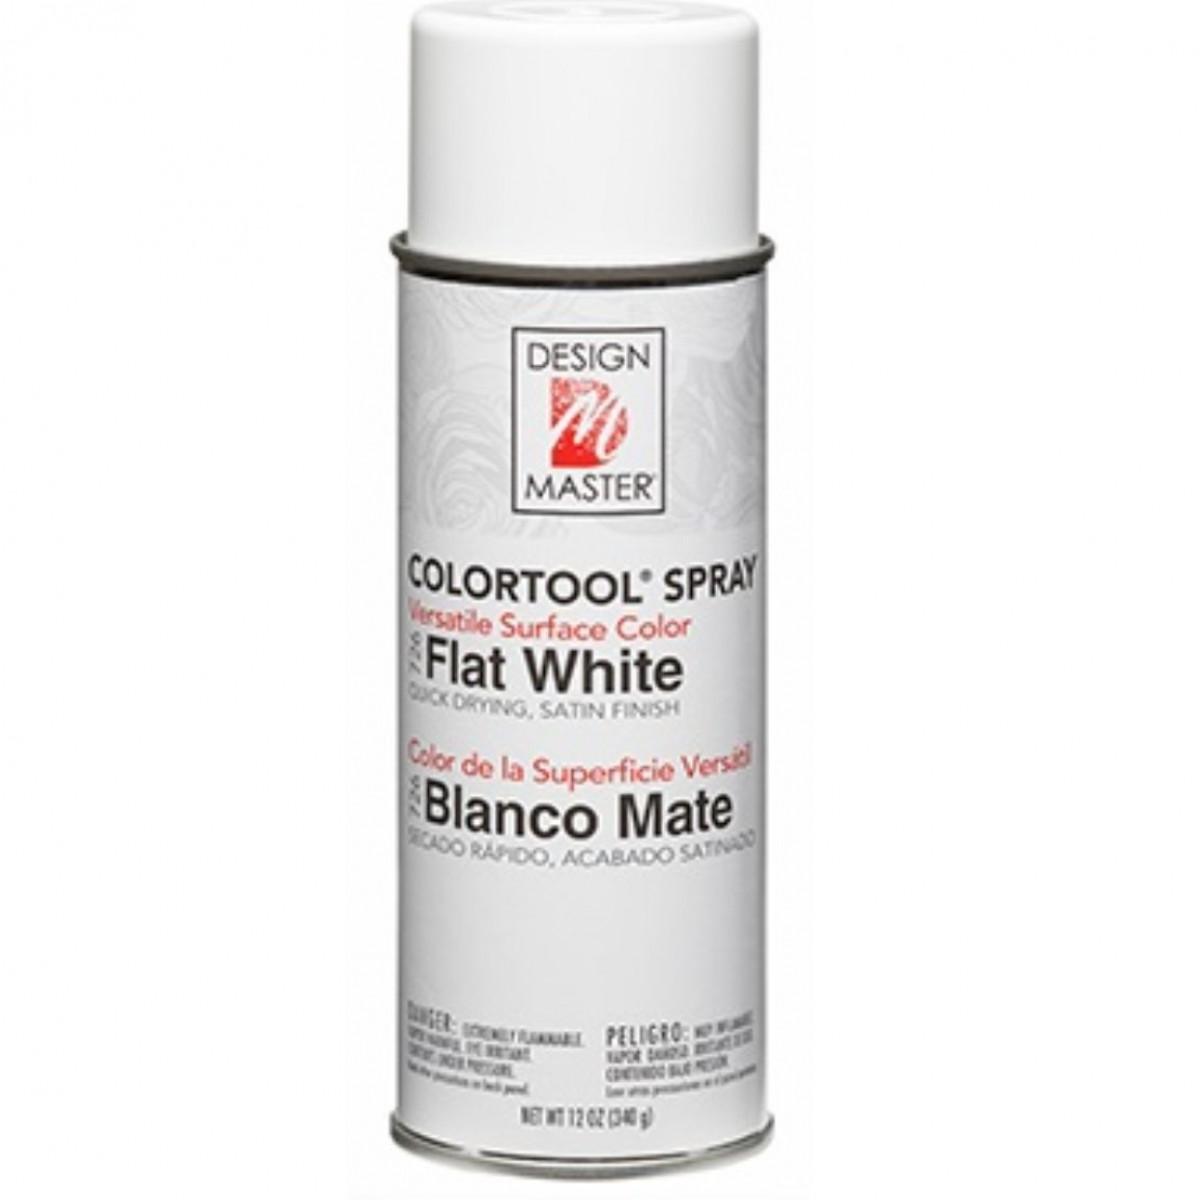 726 Flat White DM Colour Spray Paint - 1 No